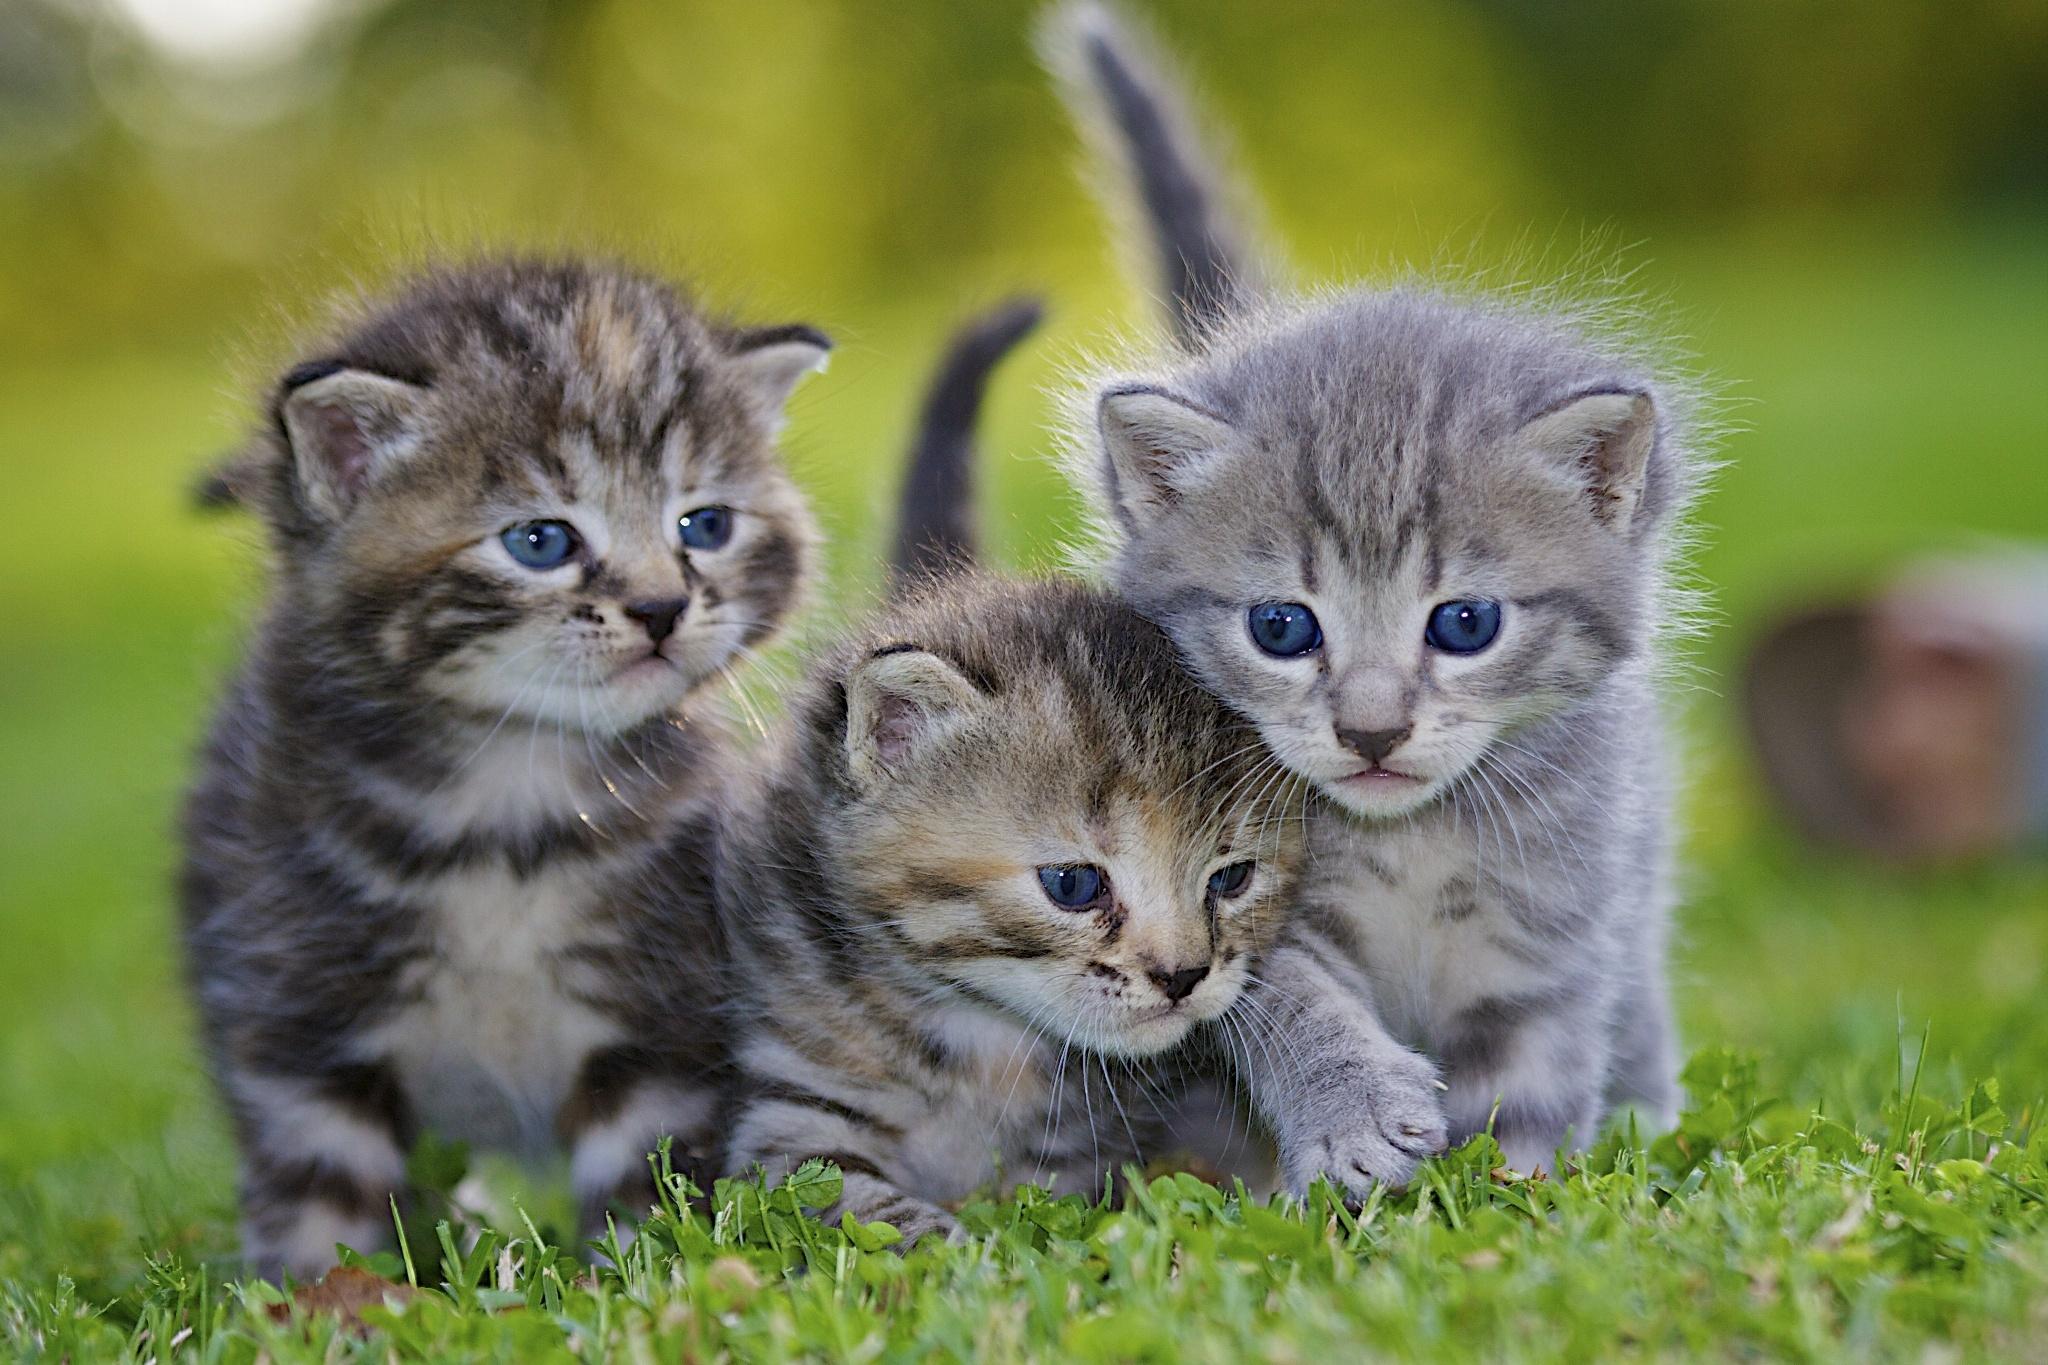 природа животные кот котенок серый журавлики nature animals cat kitten grey cranes  № 654696  скачать